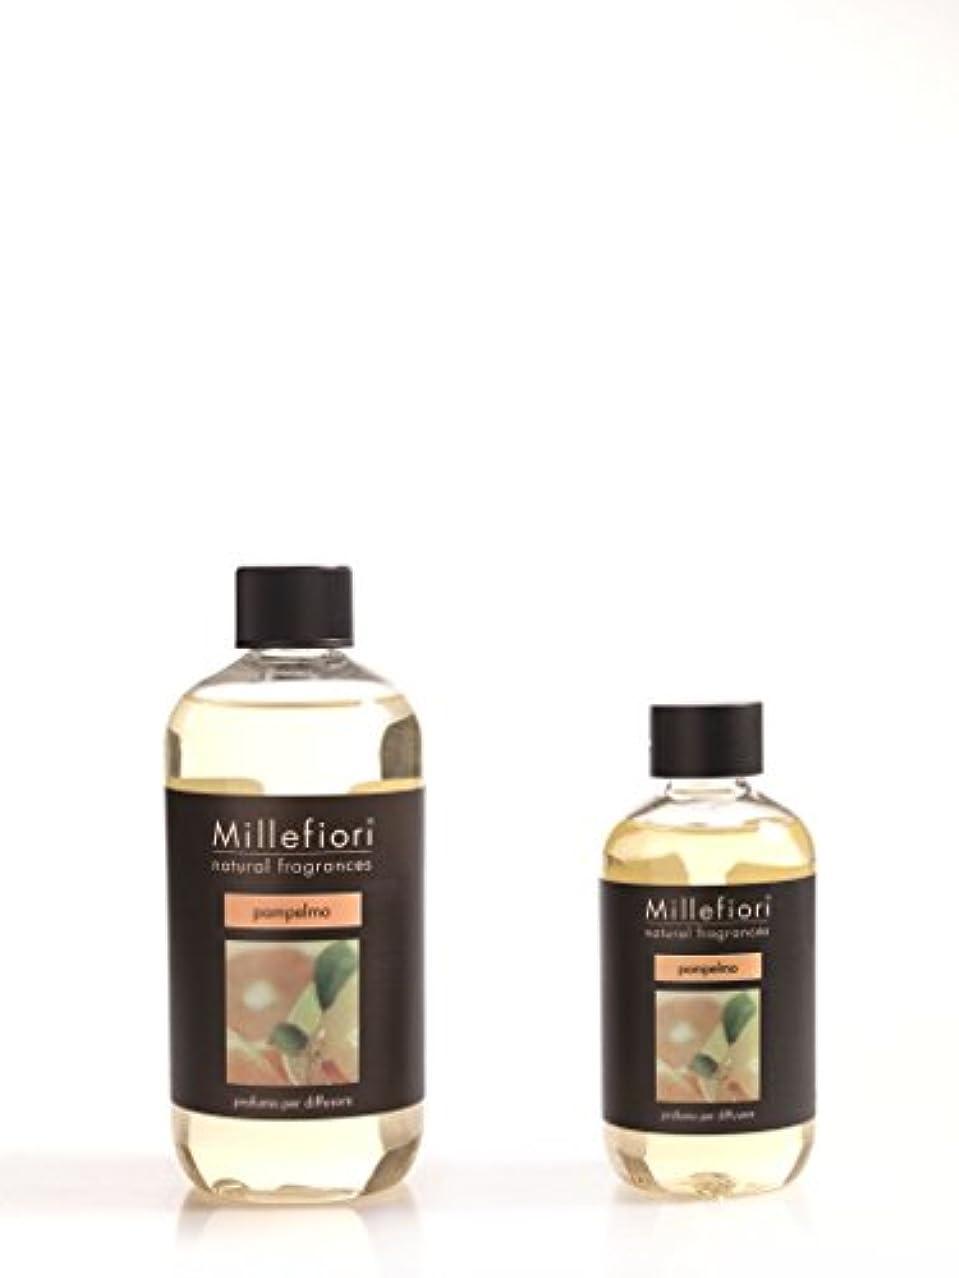 反対海軍会うミッレフィオーリ Natural Fragrance Diffuser Refill - Pompelmo 500ml/16.7oz並行輸入品